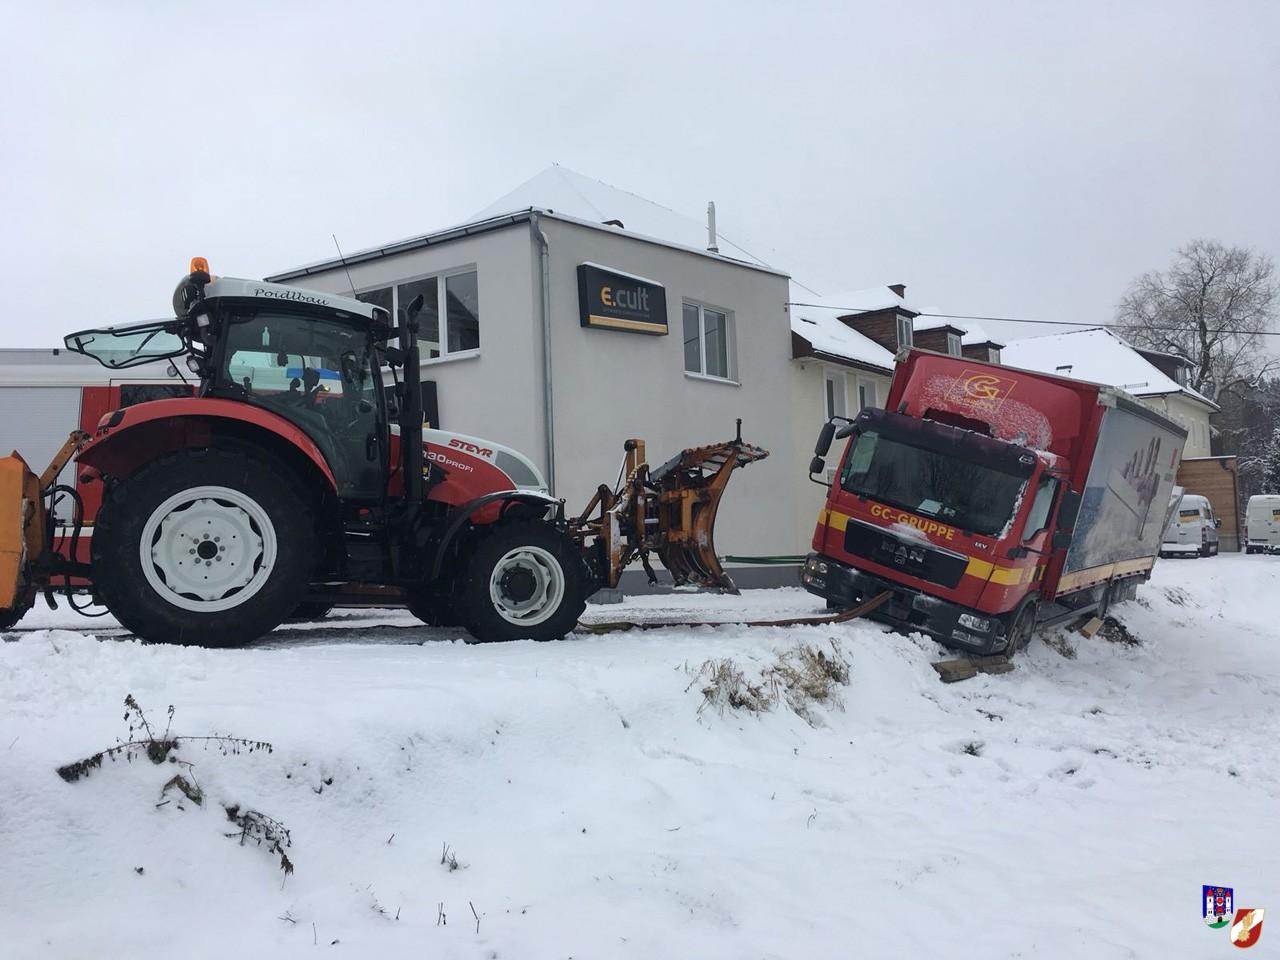 LKW-Bergung auf schneeglatter Fahrbahn